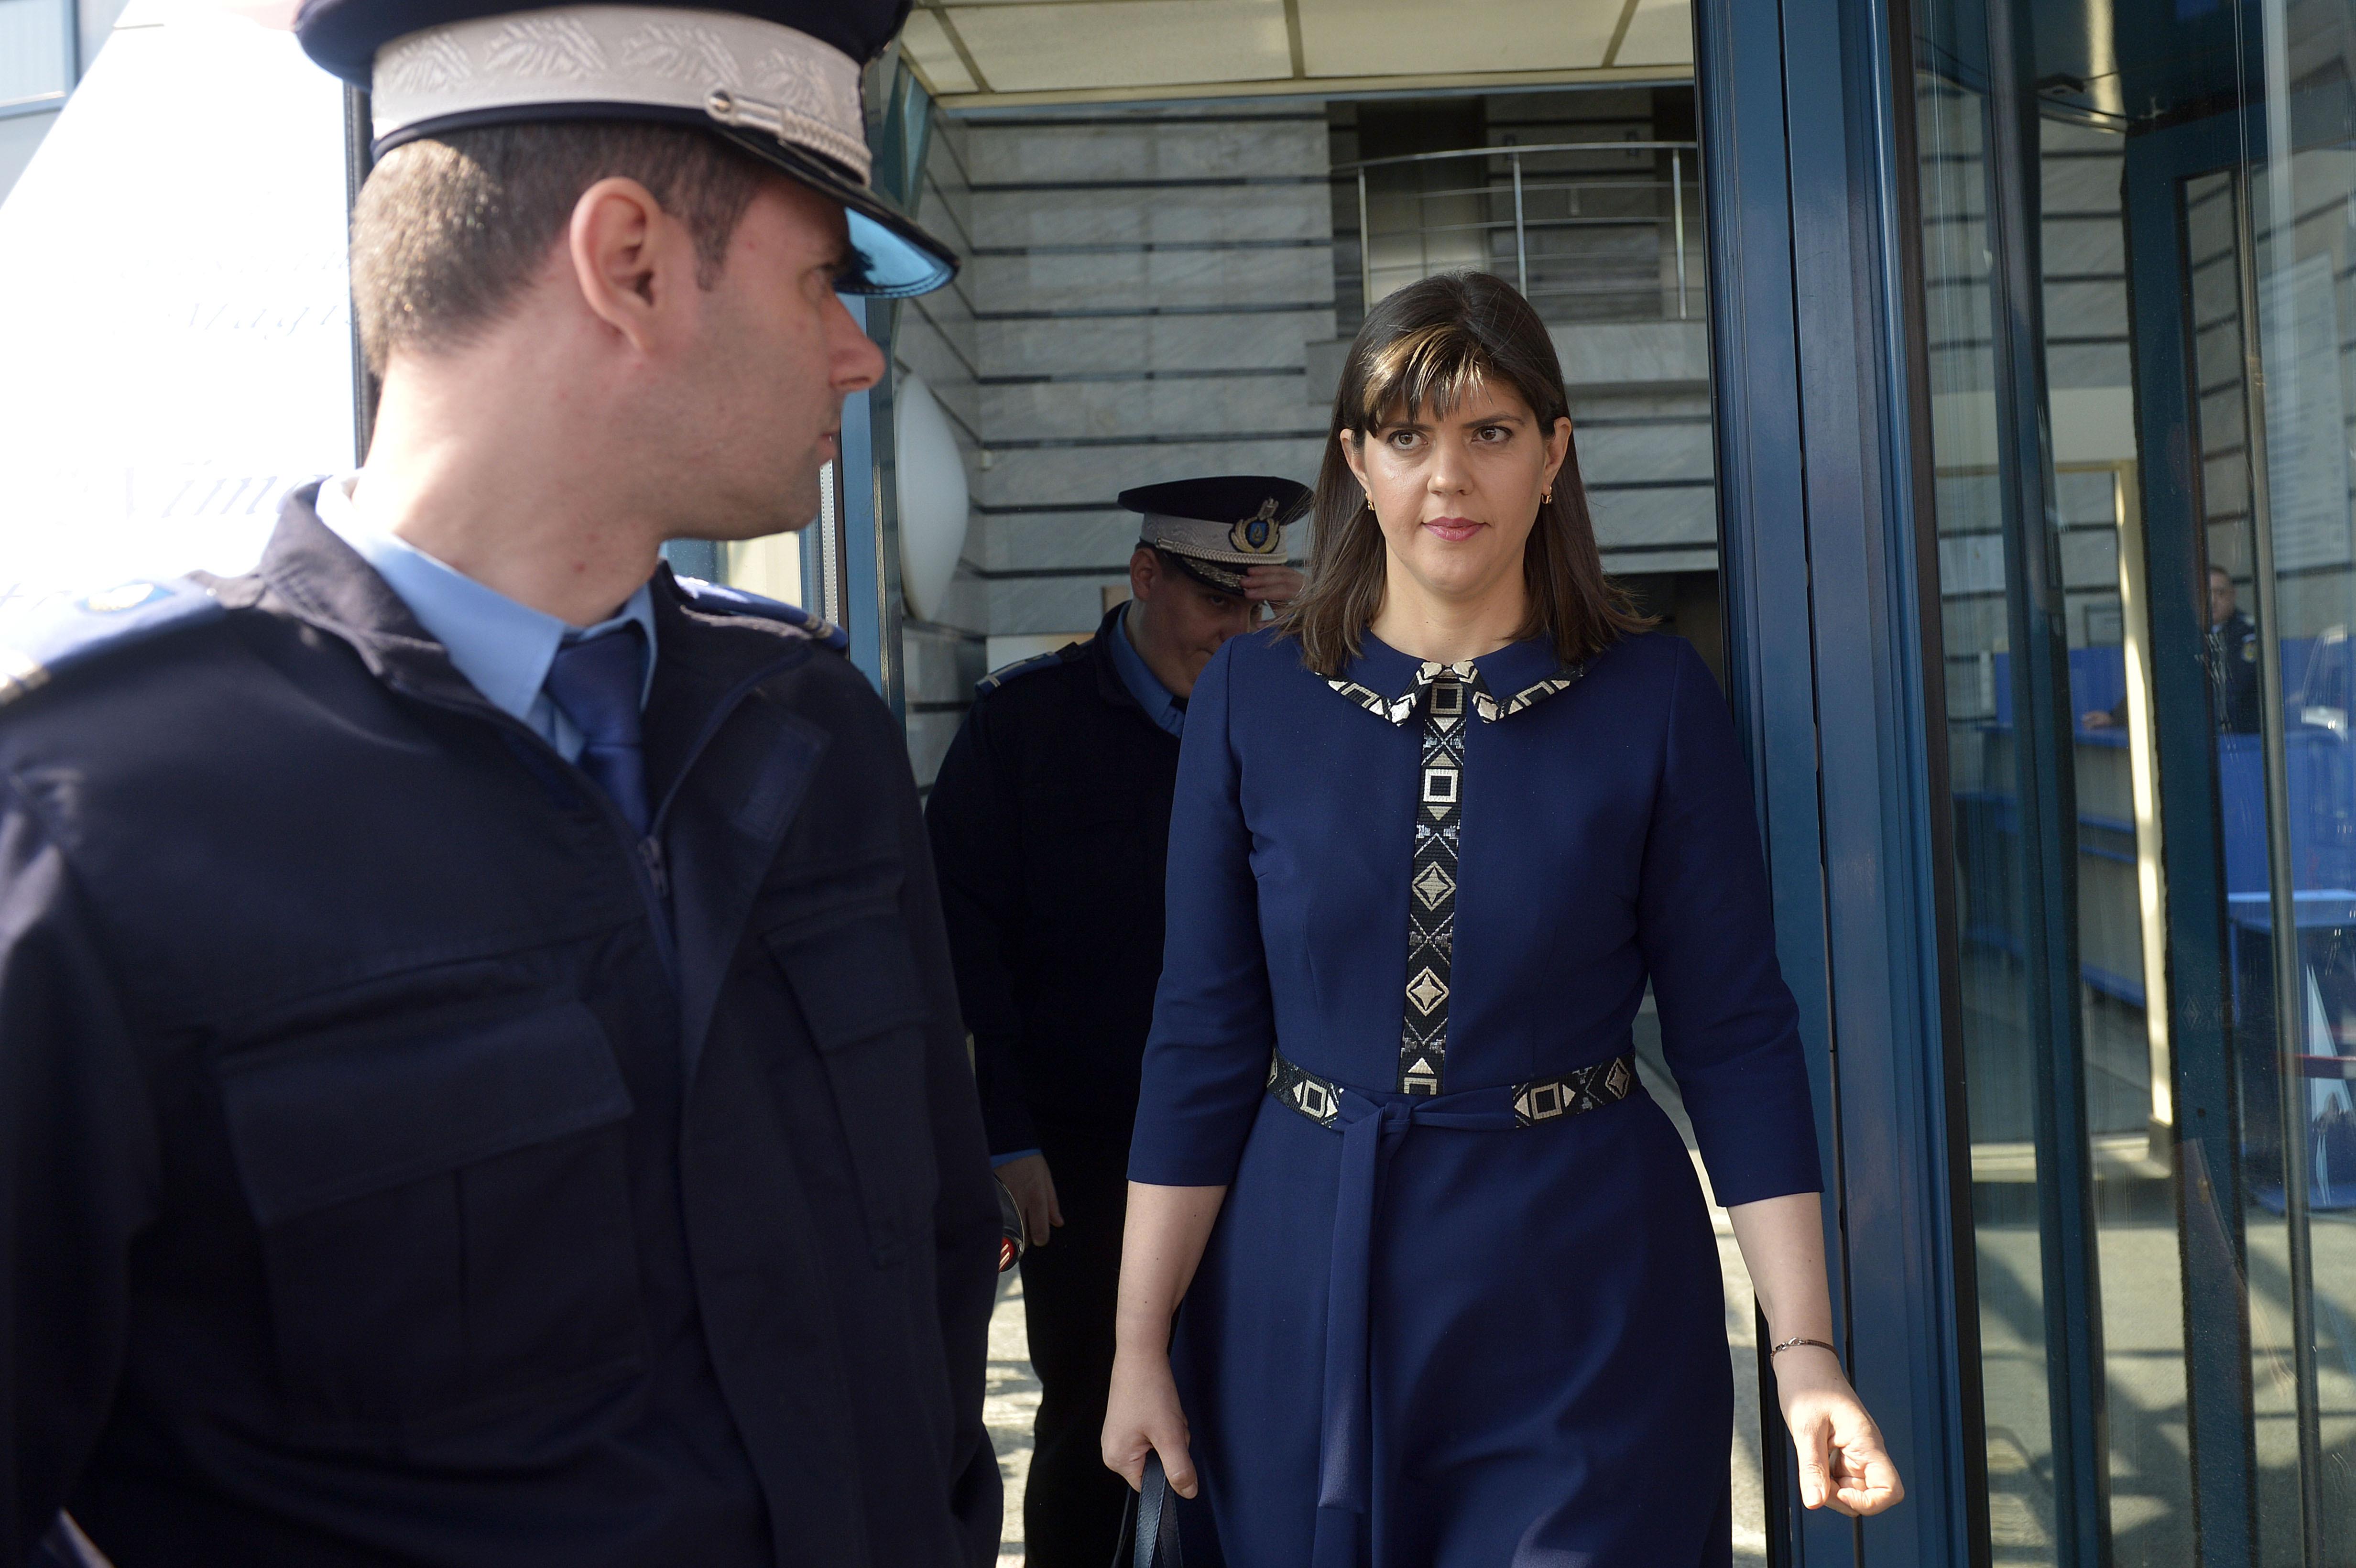 ANCHETA alegerilor din 2009 | Mihai Fifor, preşedintele Comisiei: Avem confirmarea că Laura Kovesi a fost la Oprea. Căutăm soluţii ca cei invitaţi să vină